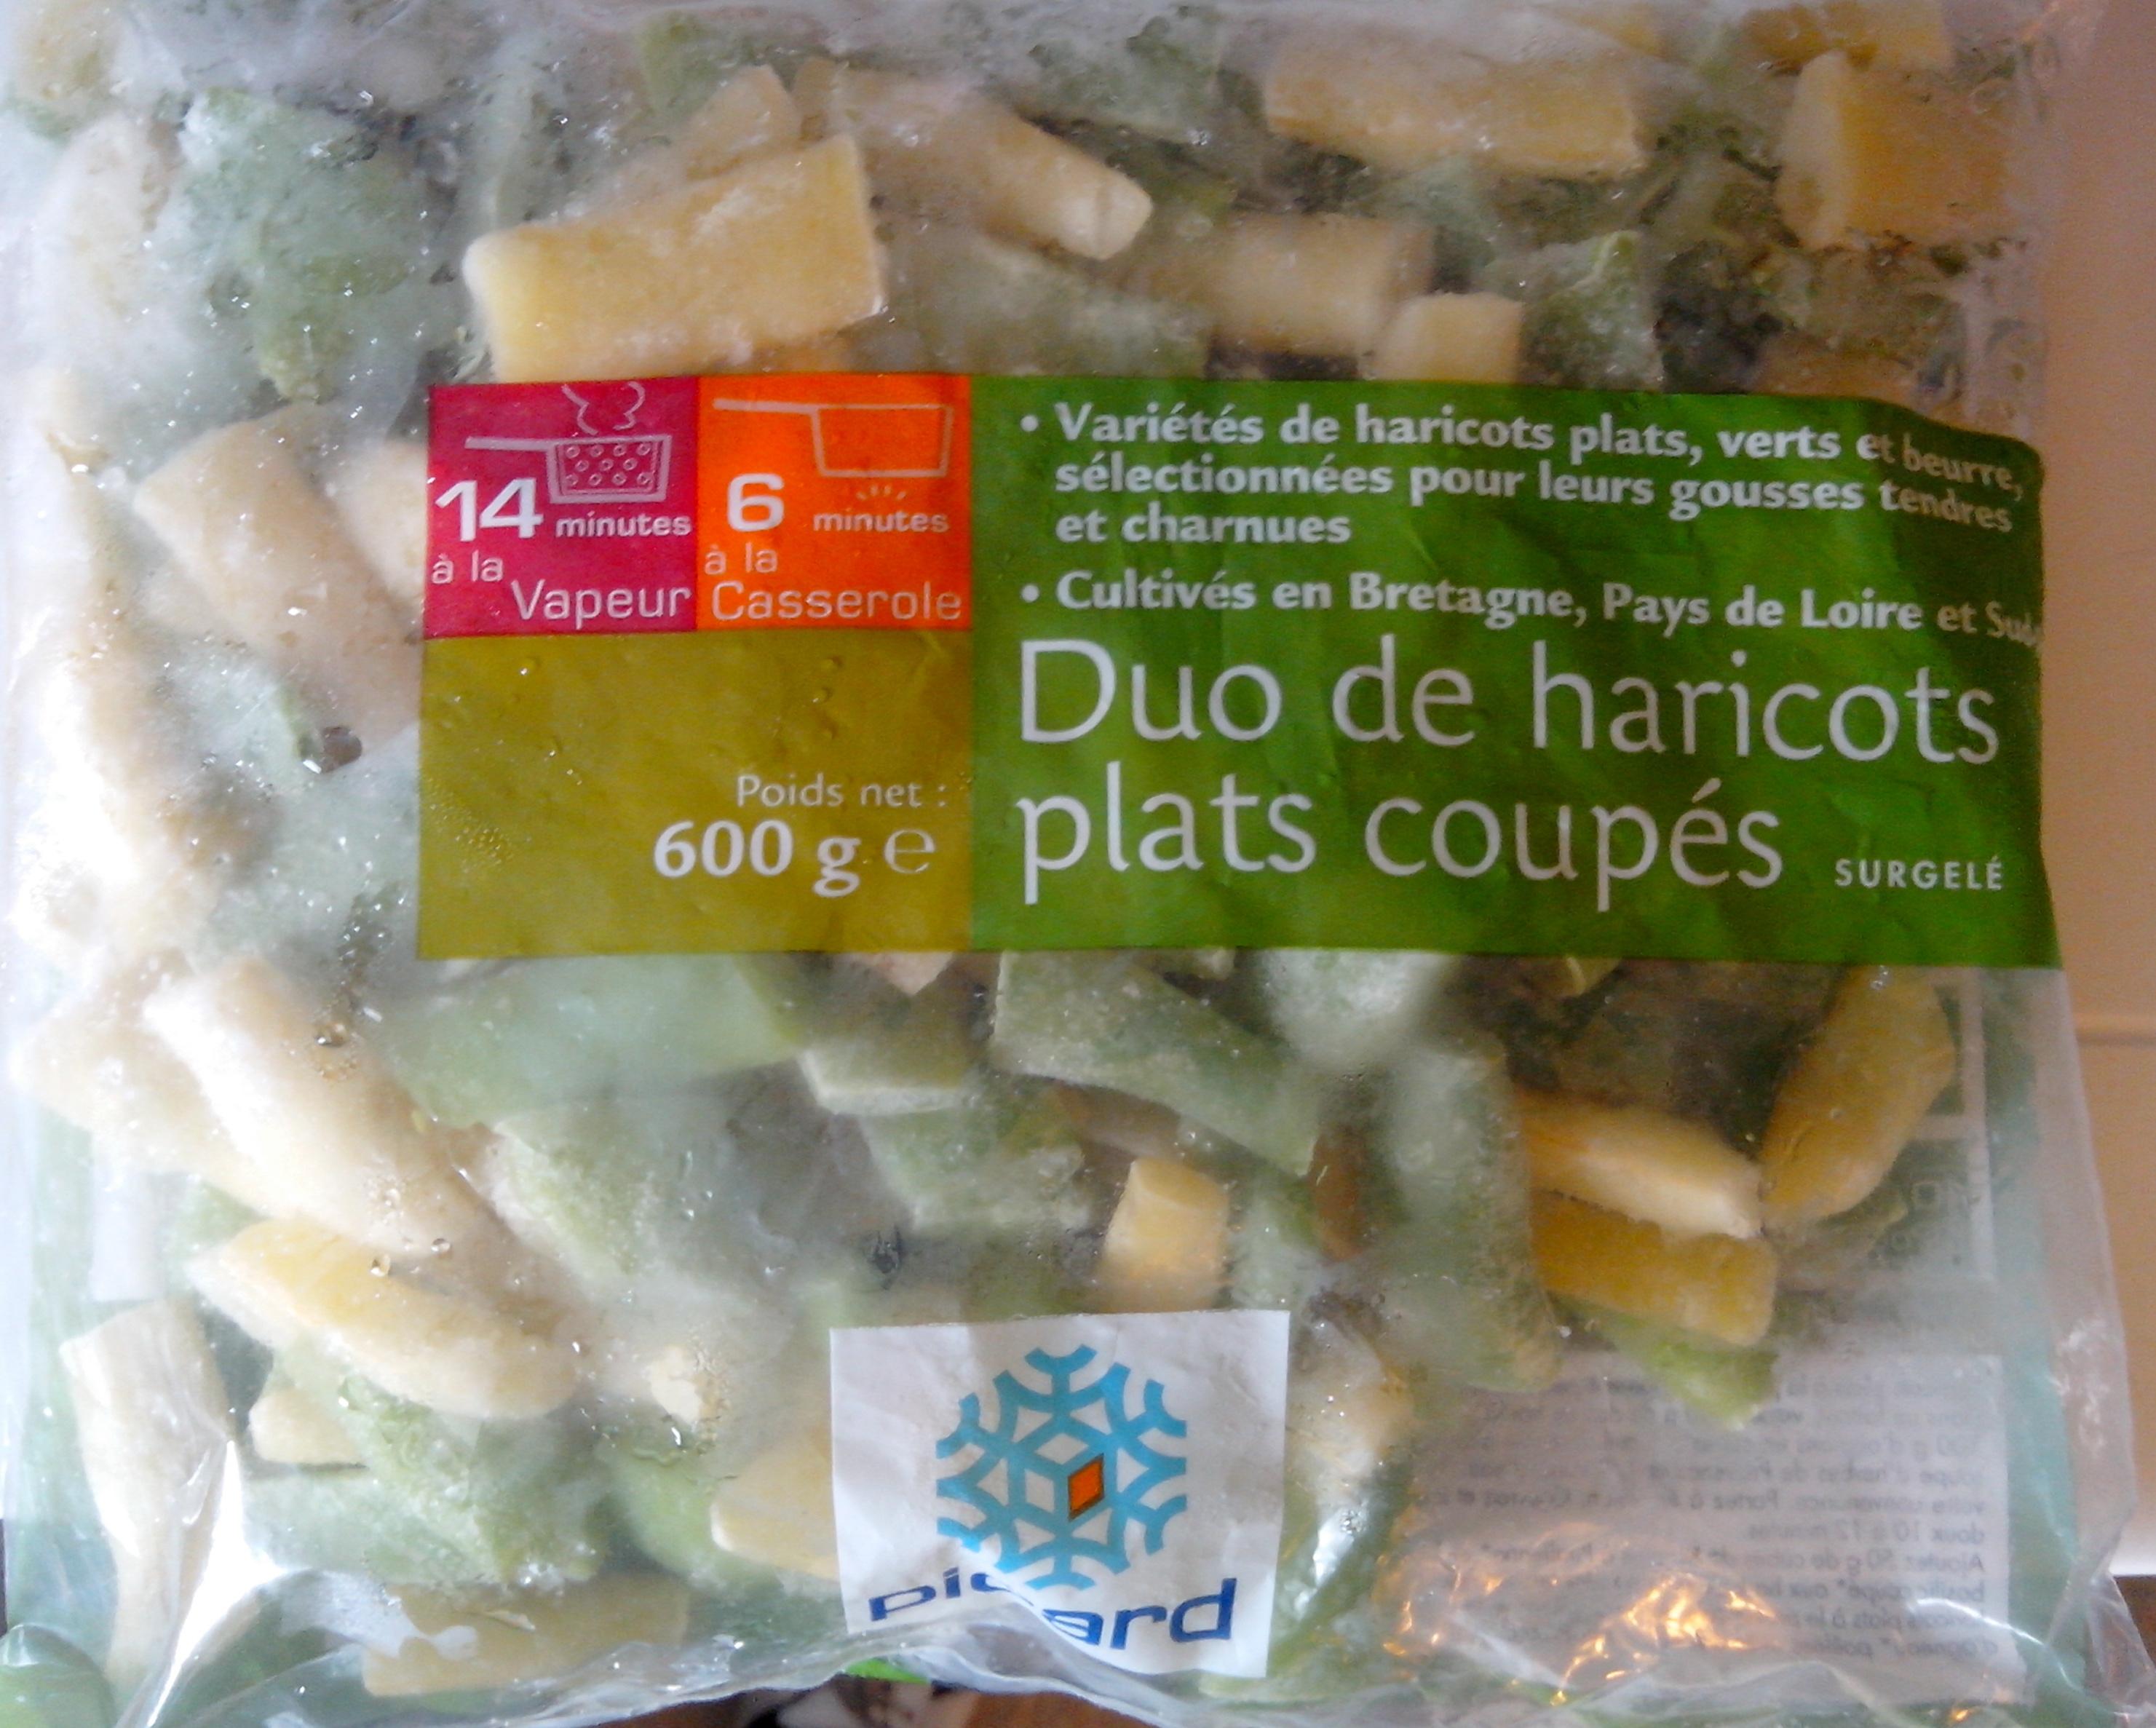 Duo de haricots plats coupés - Produit